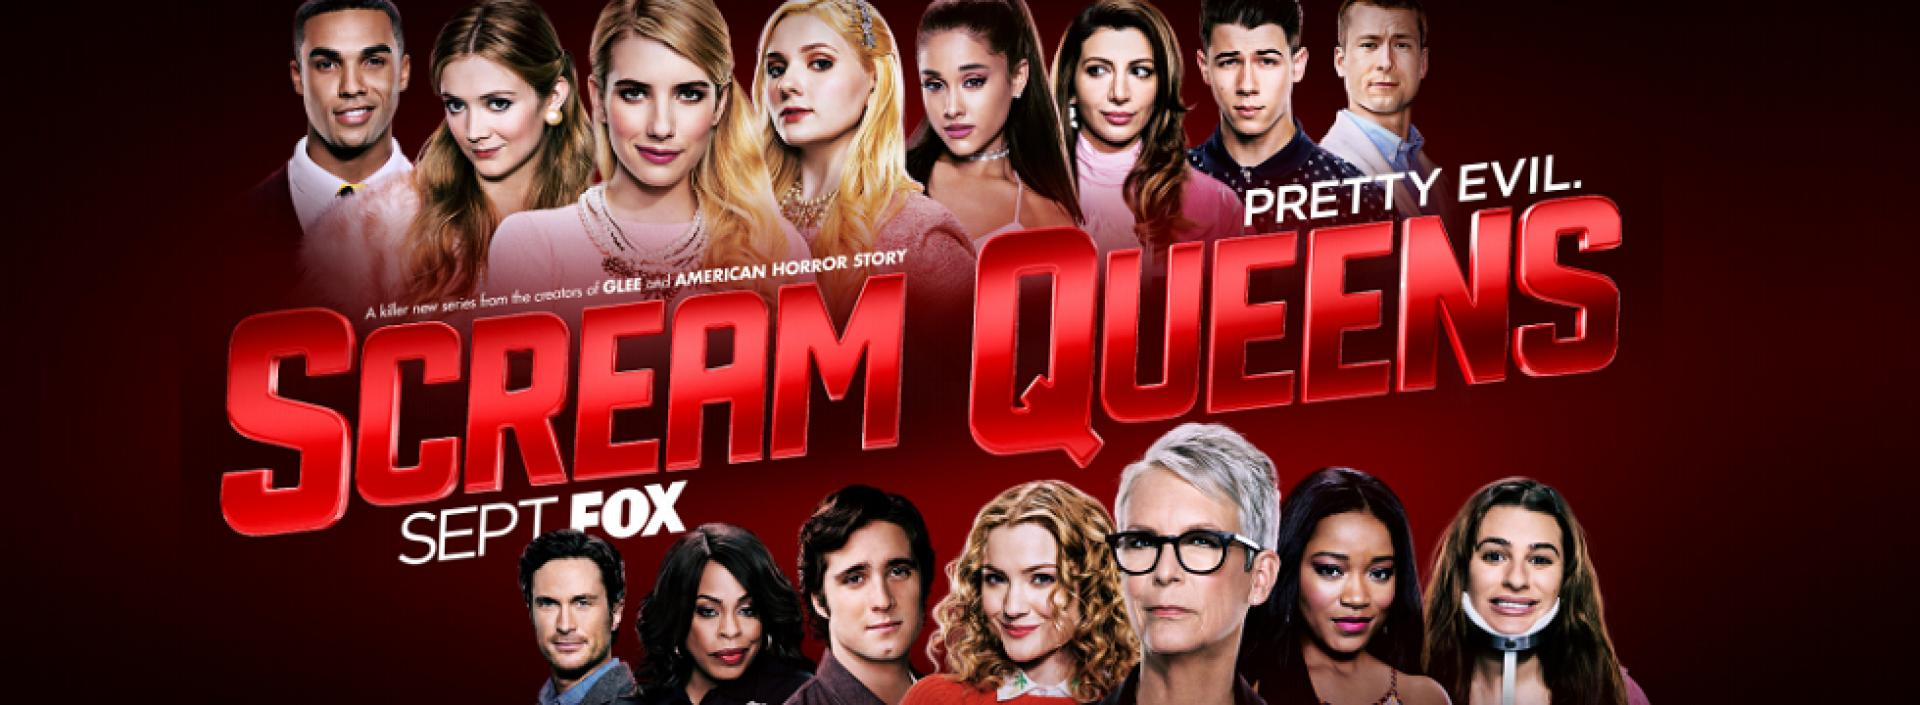 Scream Queens 1x04